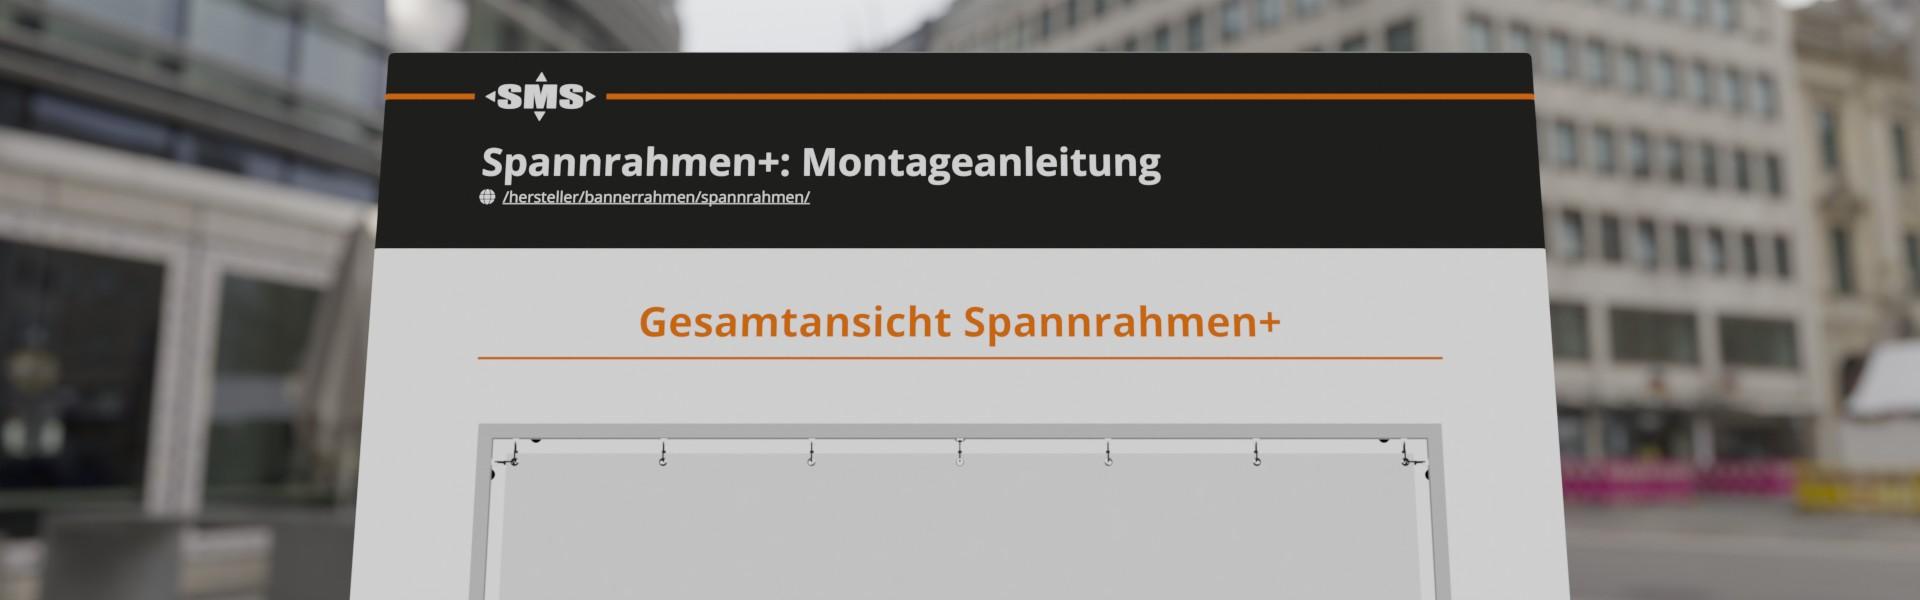 Montageanleitung Spannrahmen+, Werbeanlage für Fassadenwerbung